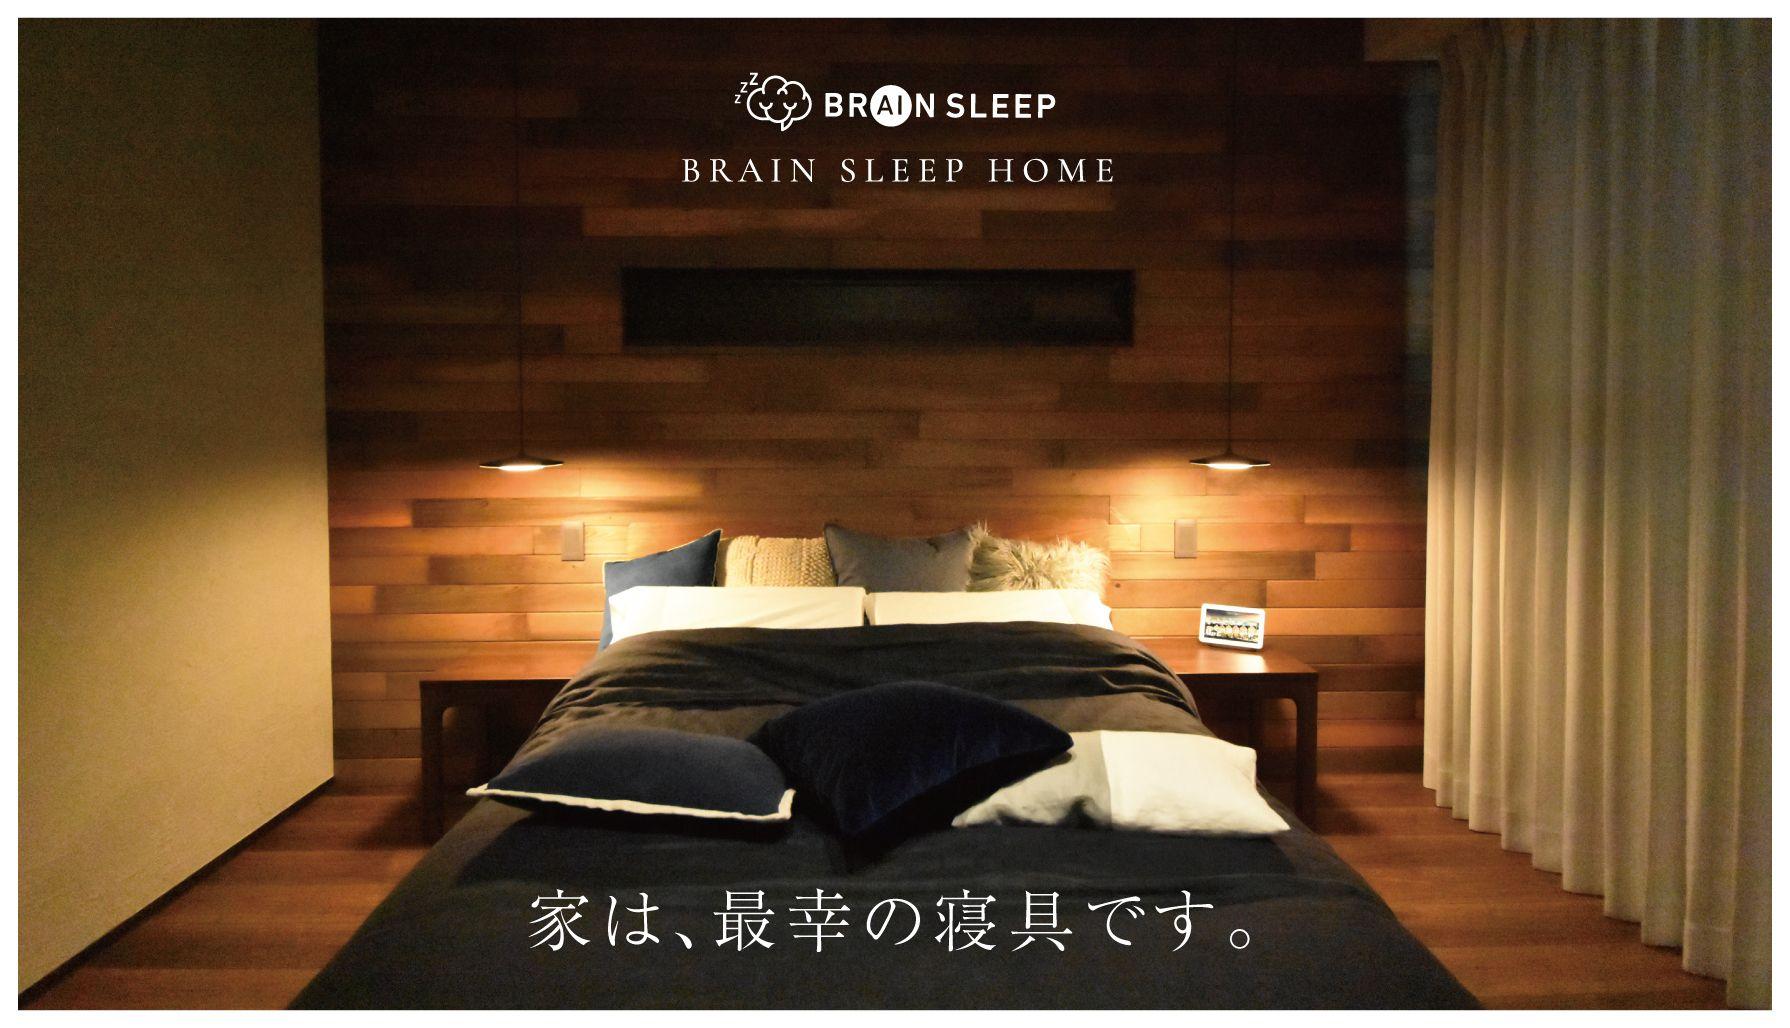 「家は最幸の寝具です」【BRAIN SLEEP HOME】